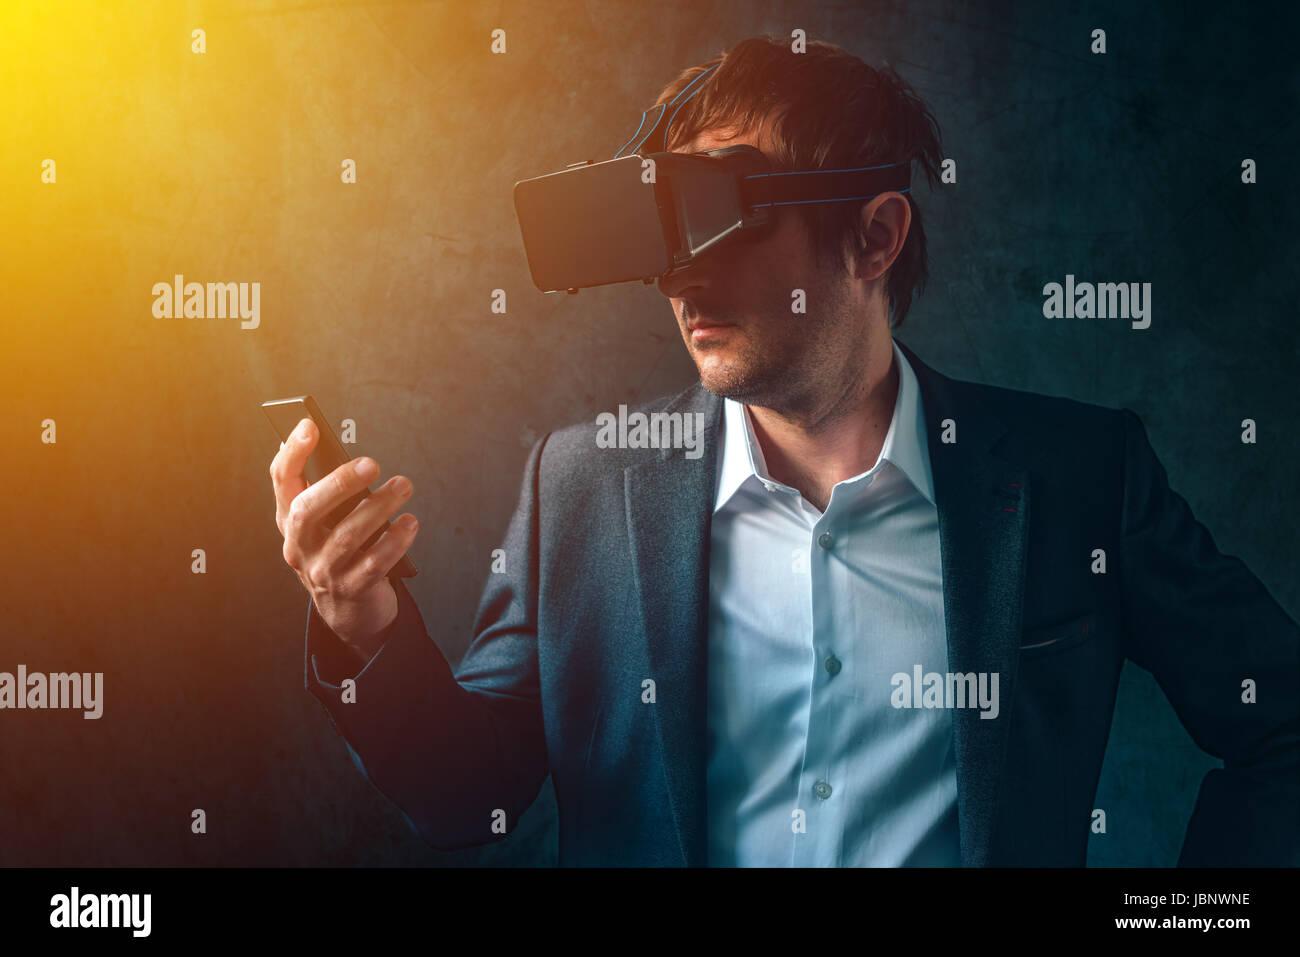 La realidad virtual y tecnología futurista en las empresas modernas, empresario con VR auriculares y smartphone utilizando new tech gadgets para desarrollar y administrar Foto de stock